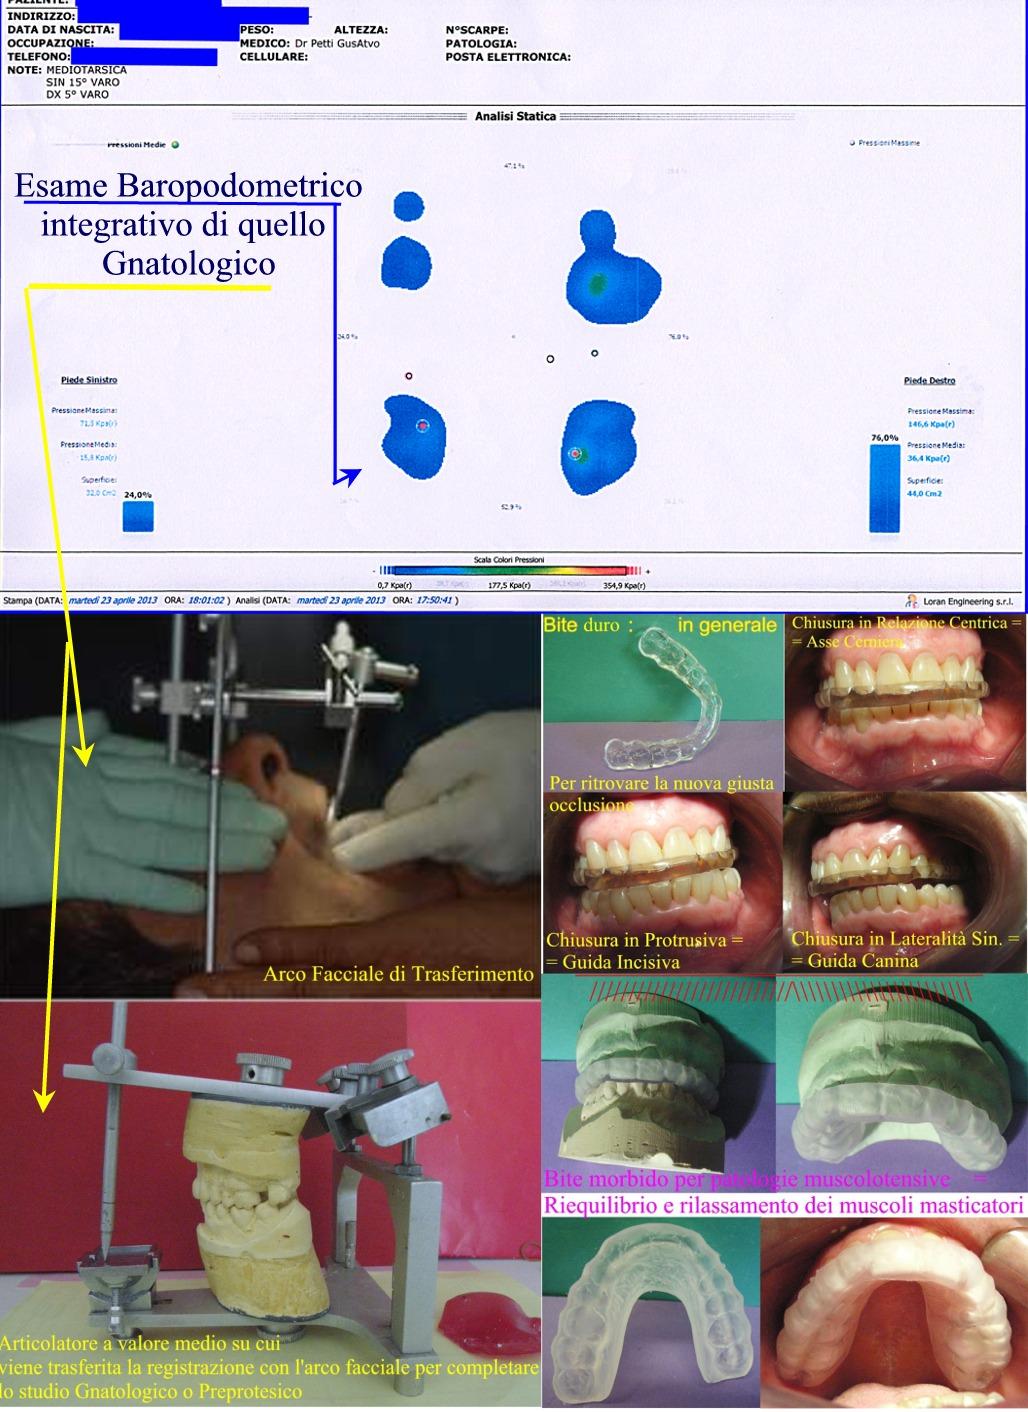 Esame Baropodometrico Statico e Dinamico Computerizzato e Arco Facciale di Trasferimento Edd Articolatore a valore Medio e Vari Tipi di Bite come minima parte di Diagnosi GNatologia. Da Dr. Gustavo Petti Parodontologo Gnatologo di Cagliari